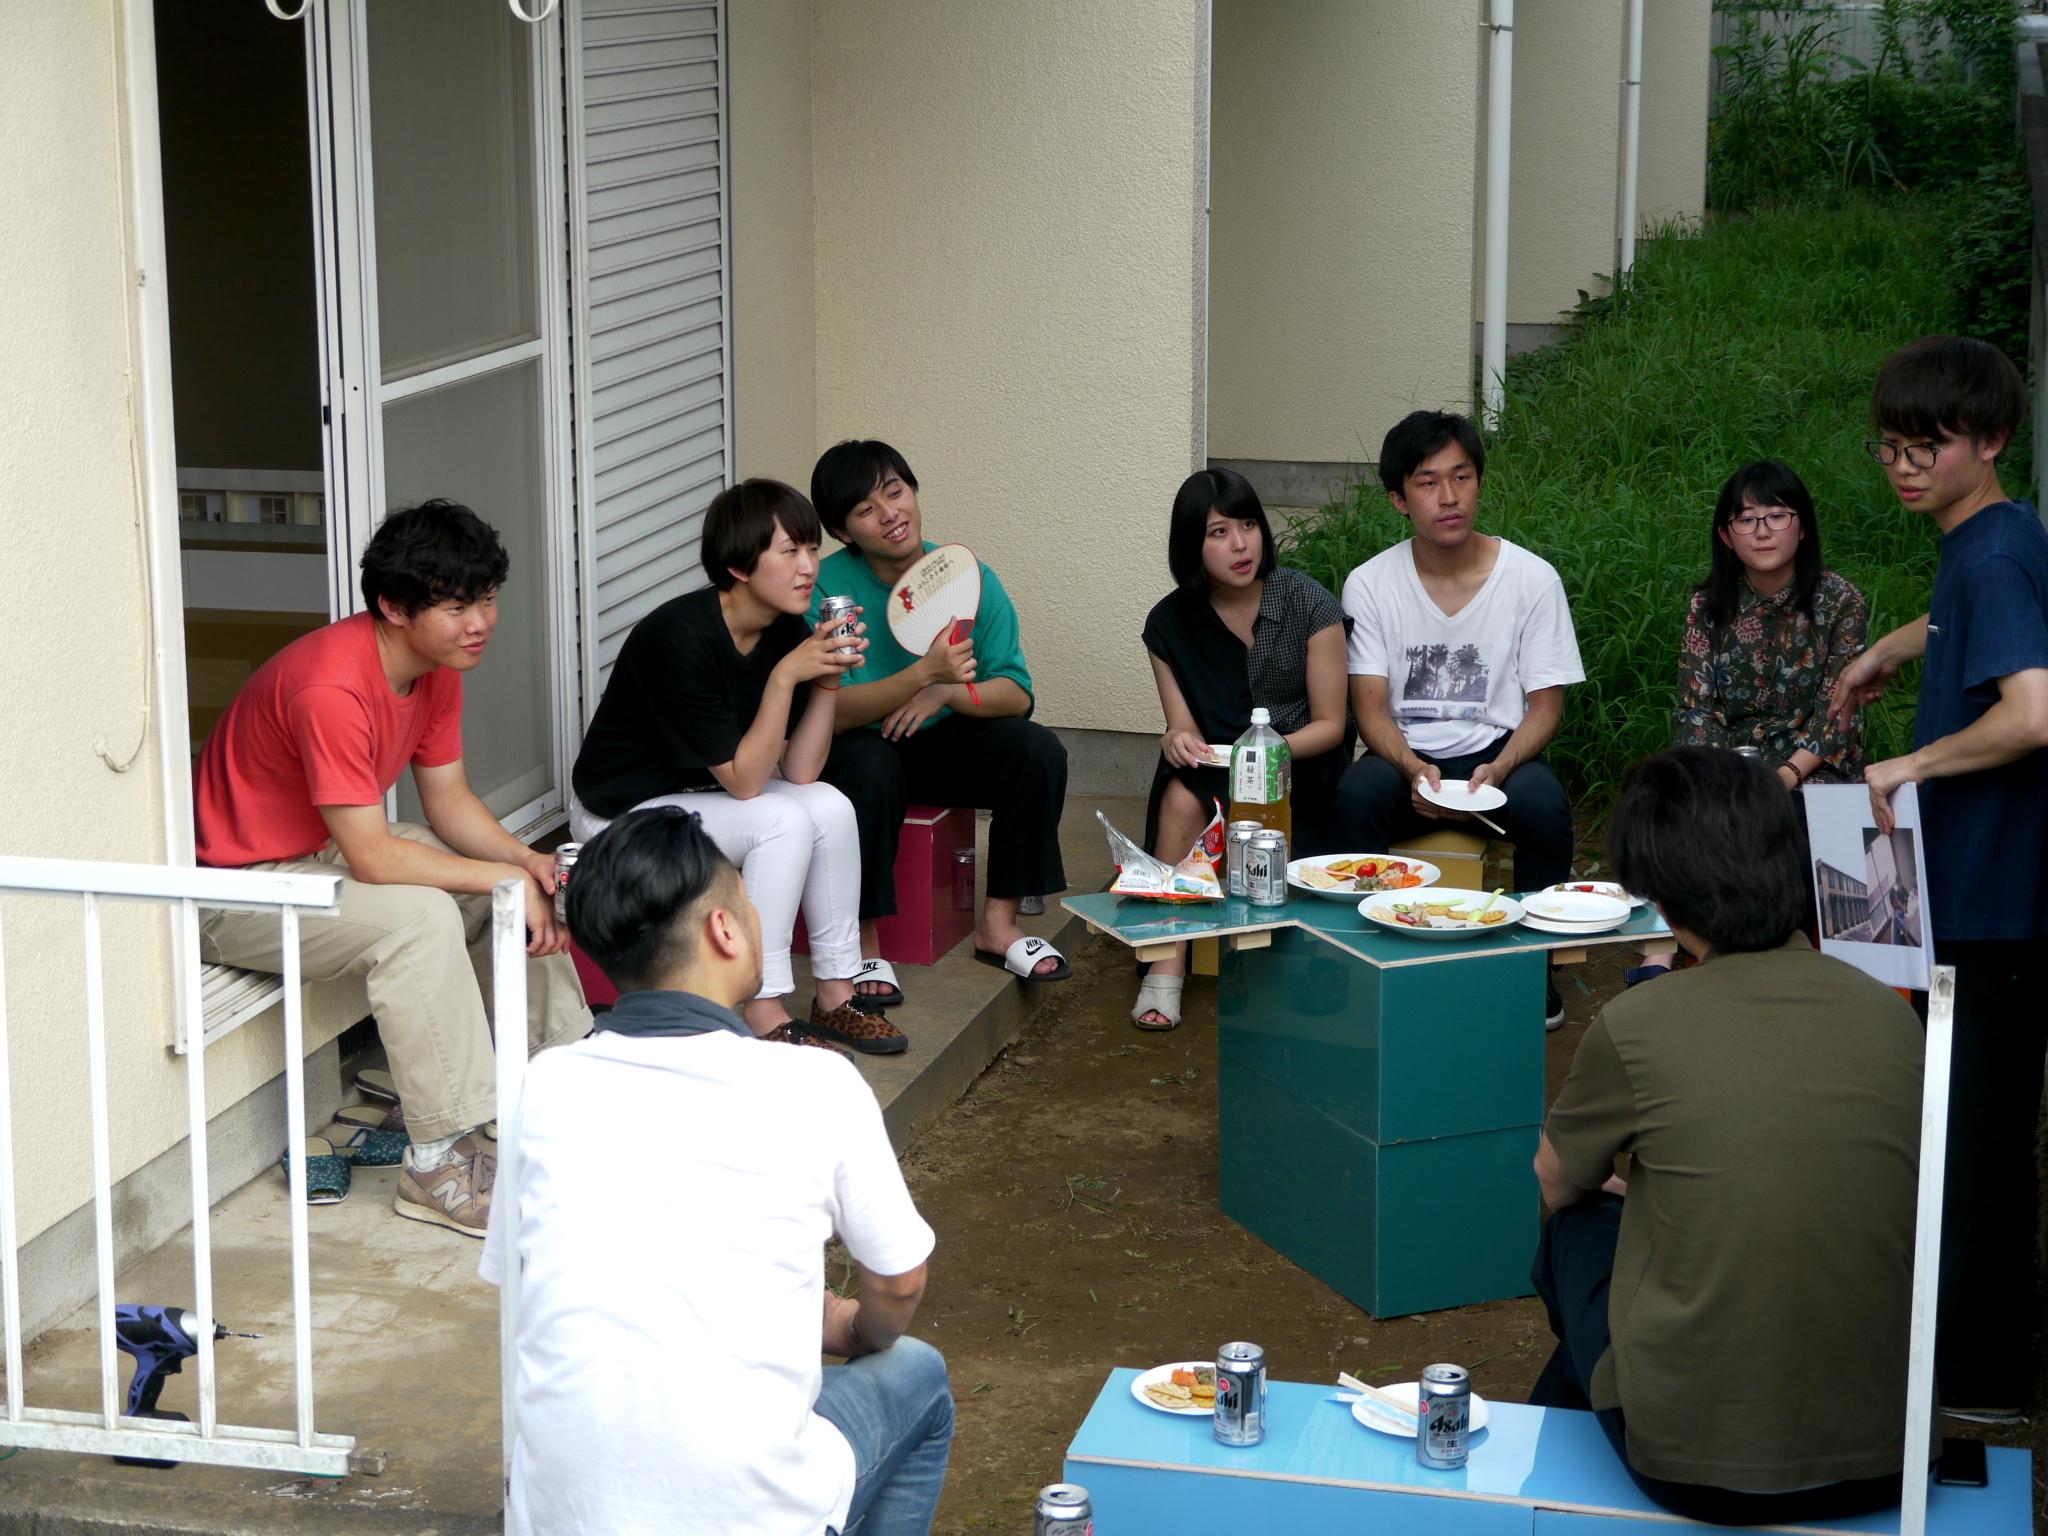 試作したモジュールを用いて、実際にマンションの庭で行われたホームパーティーの様子。